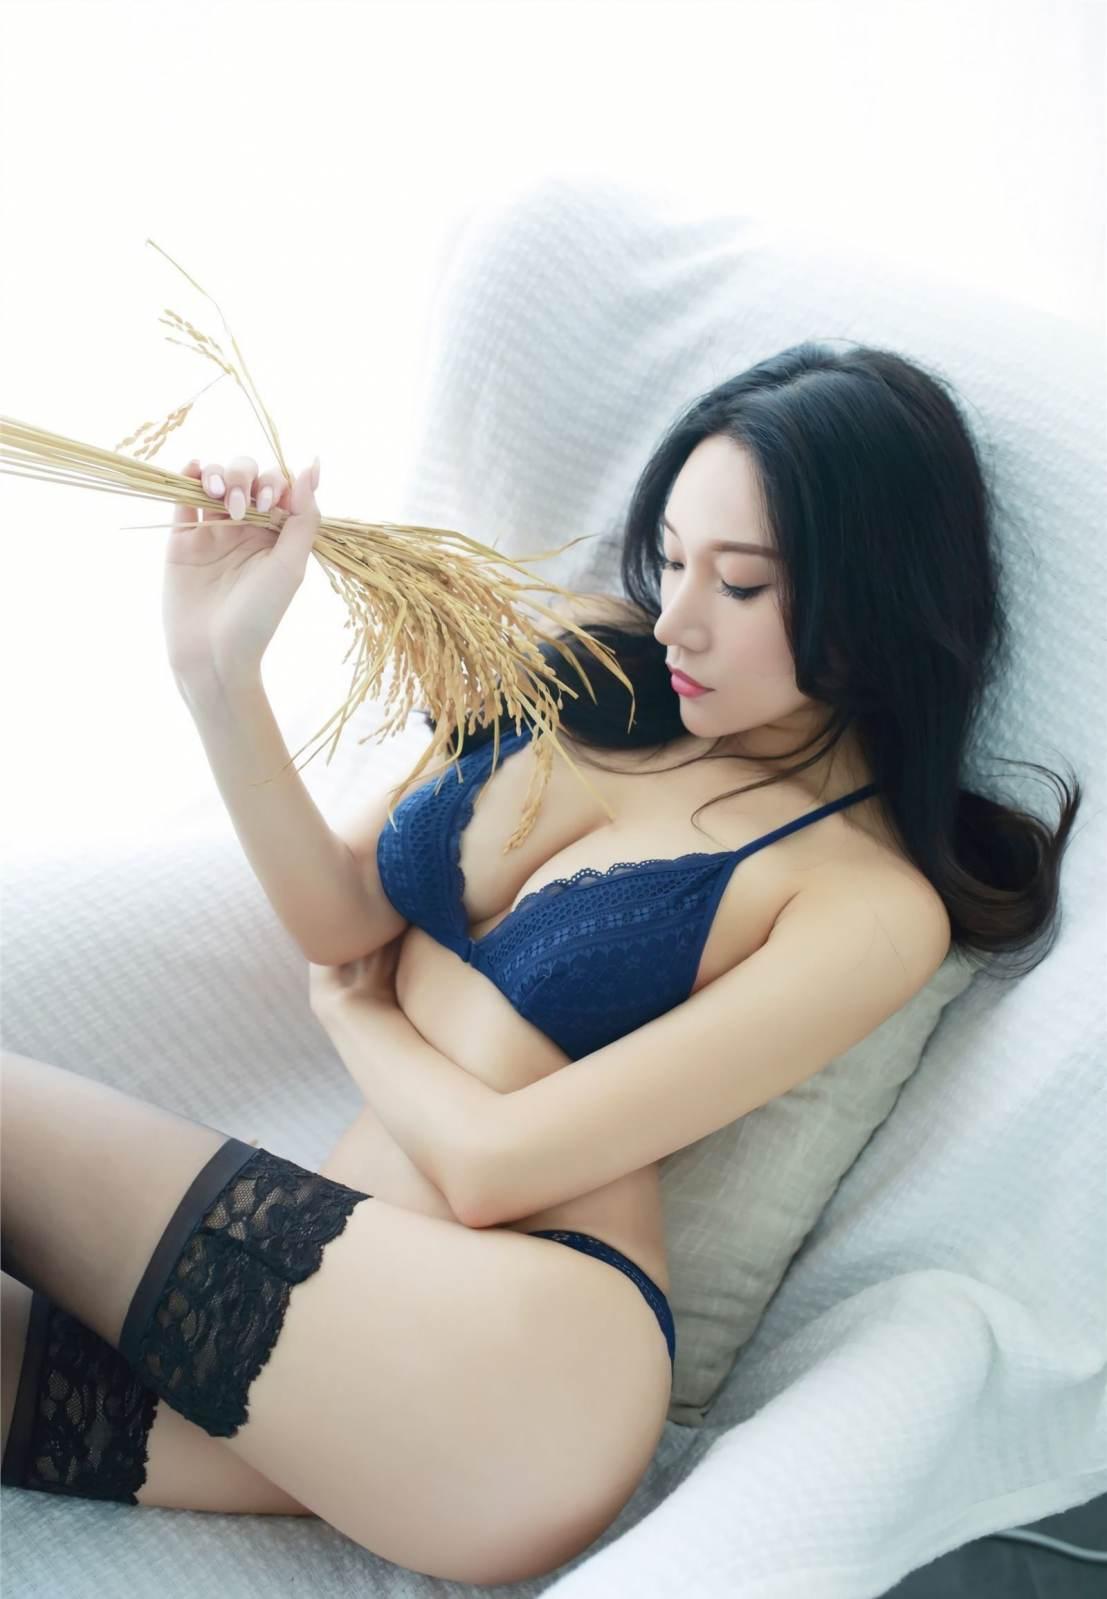 第119期诱人黑丝小狐狸(黑丝,性感内衣)_图片3